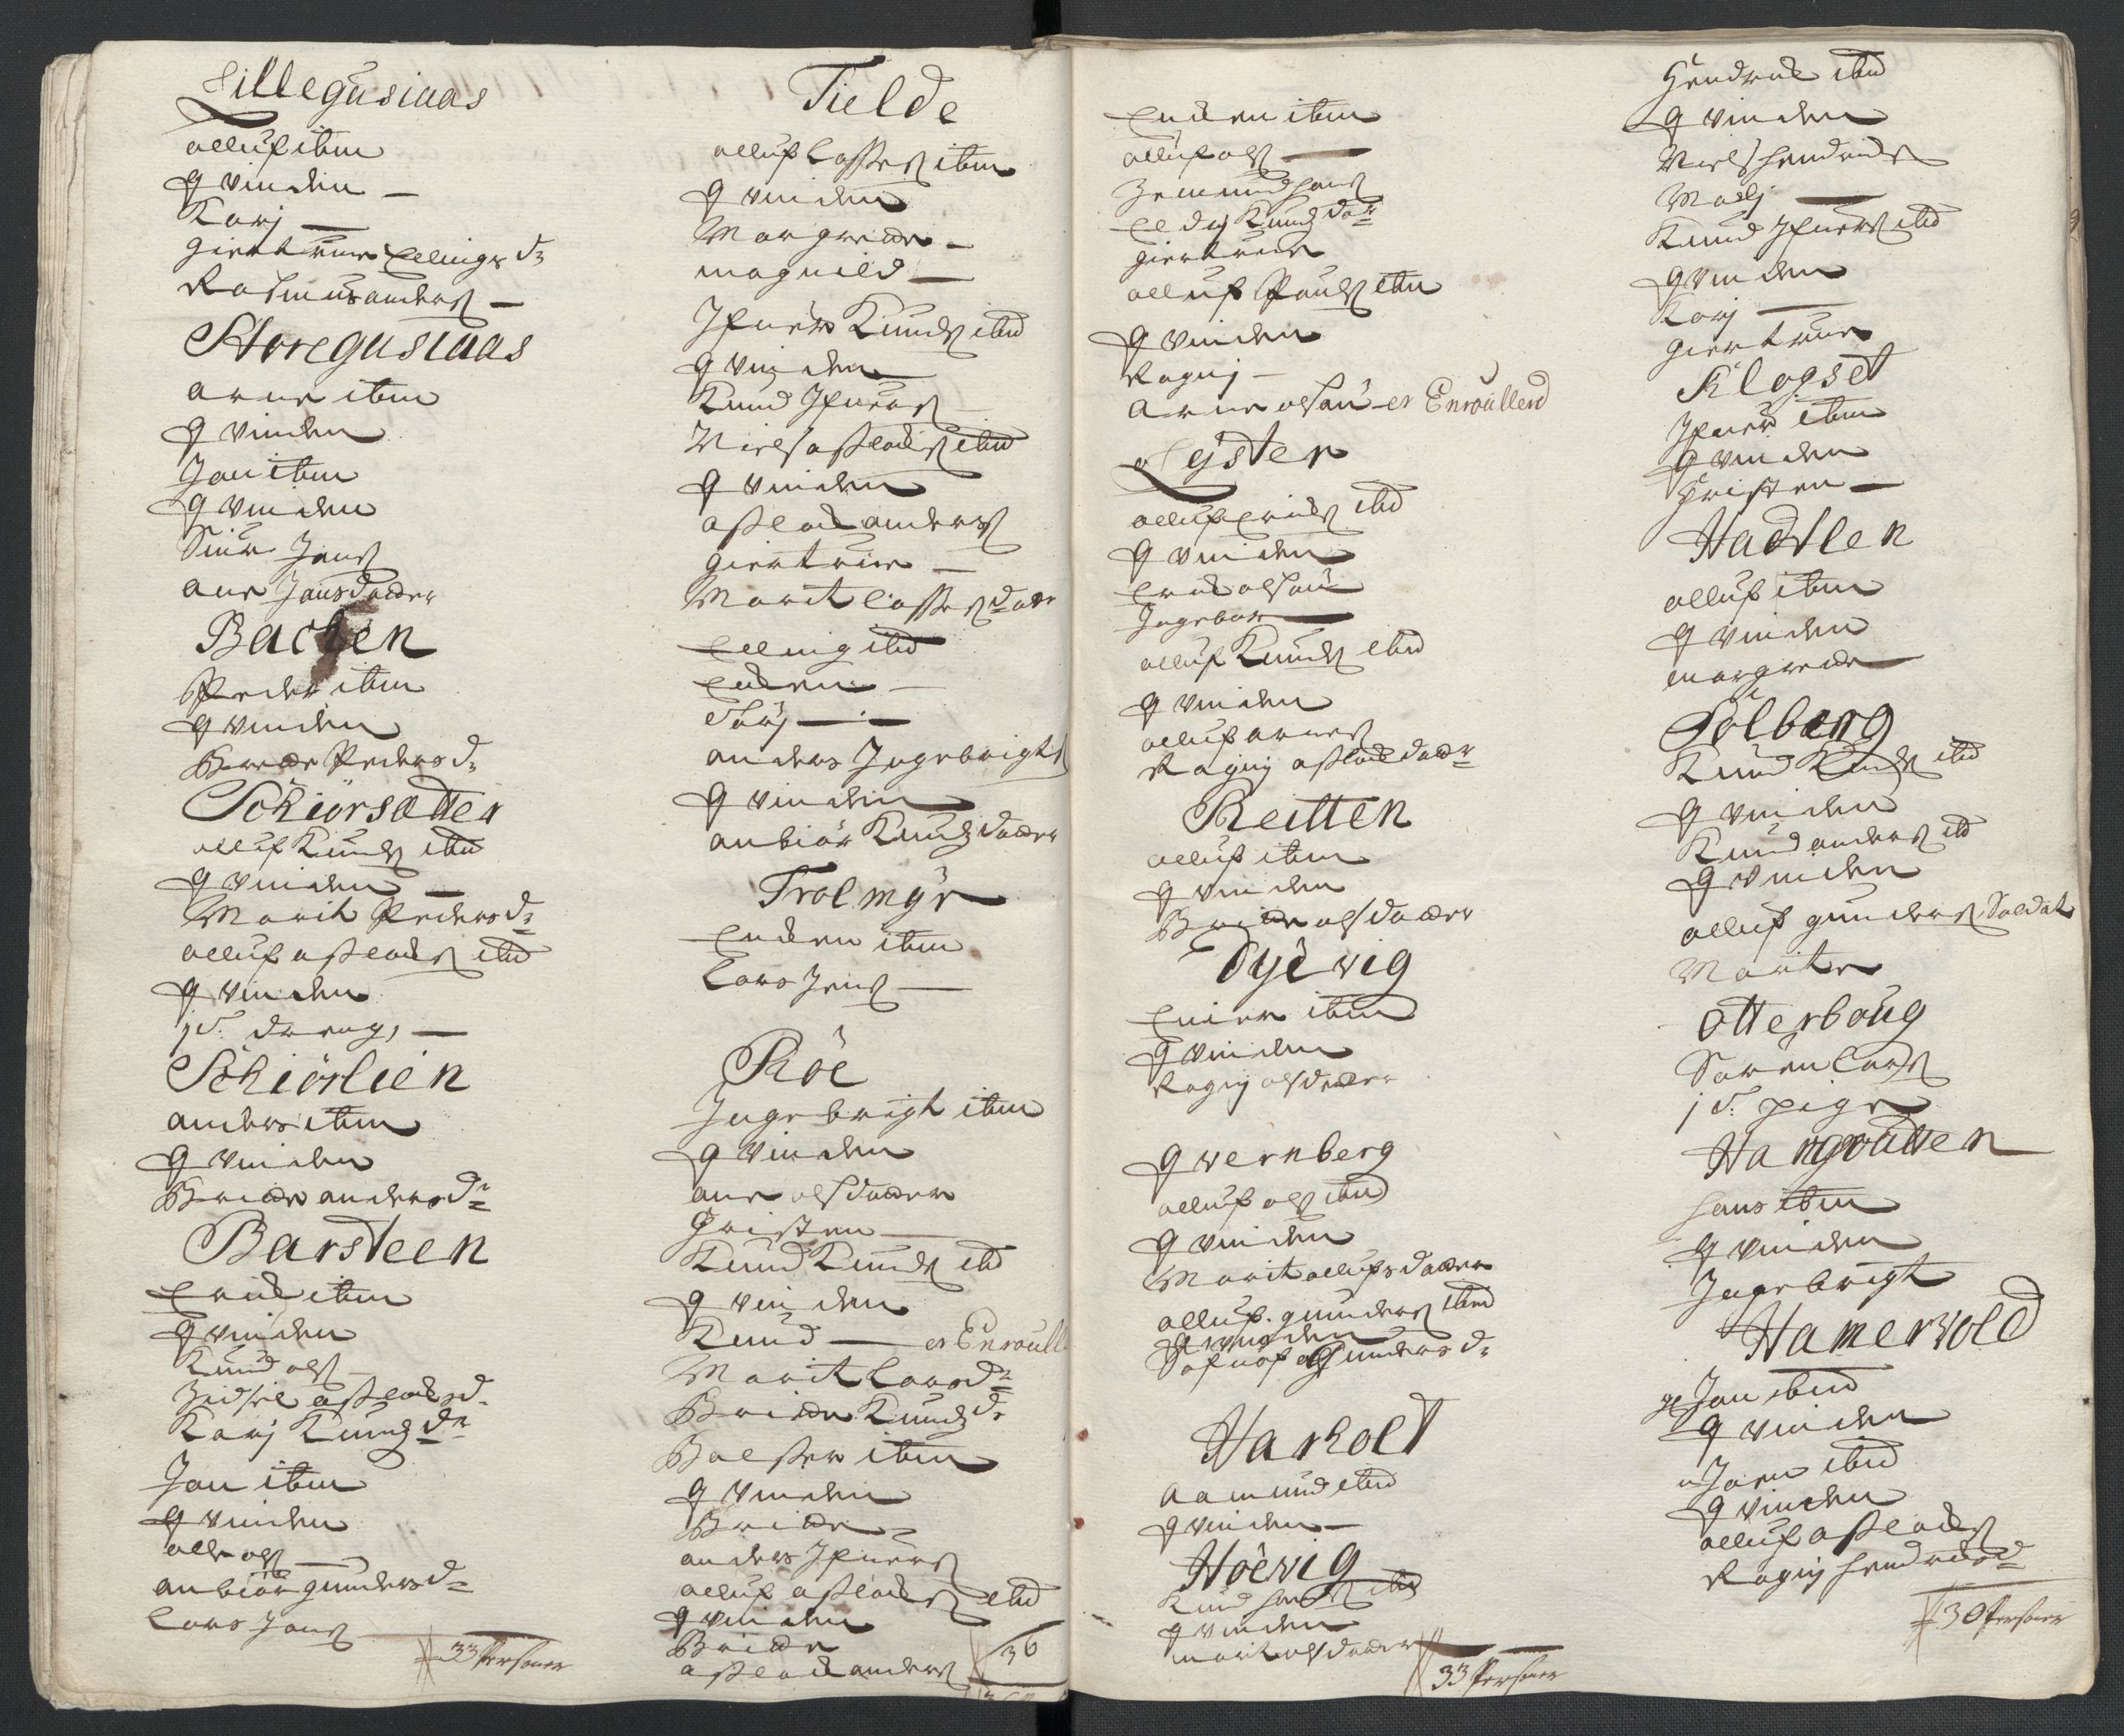 RA, Rentekammeret inntil 1814, Reviderte regnskaper, Fogderegnskap, R55/L3660: Fogderegnskap Romsdal, 1711, s. 181